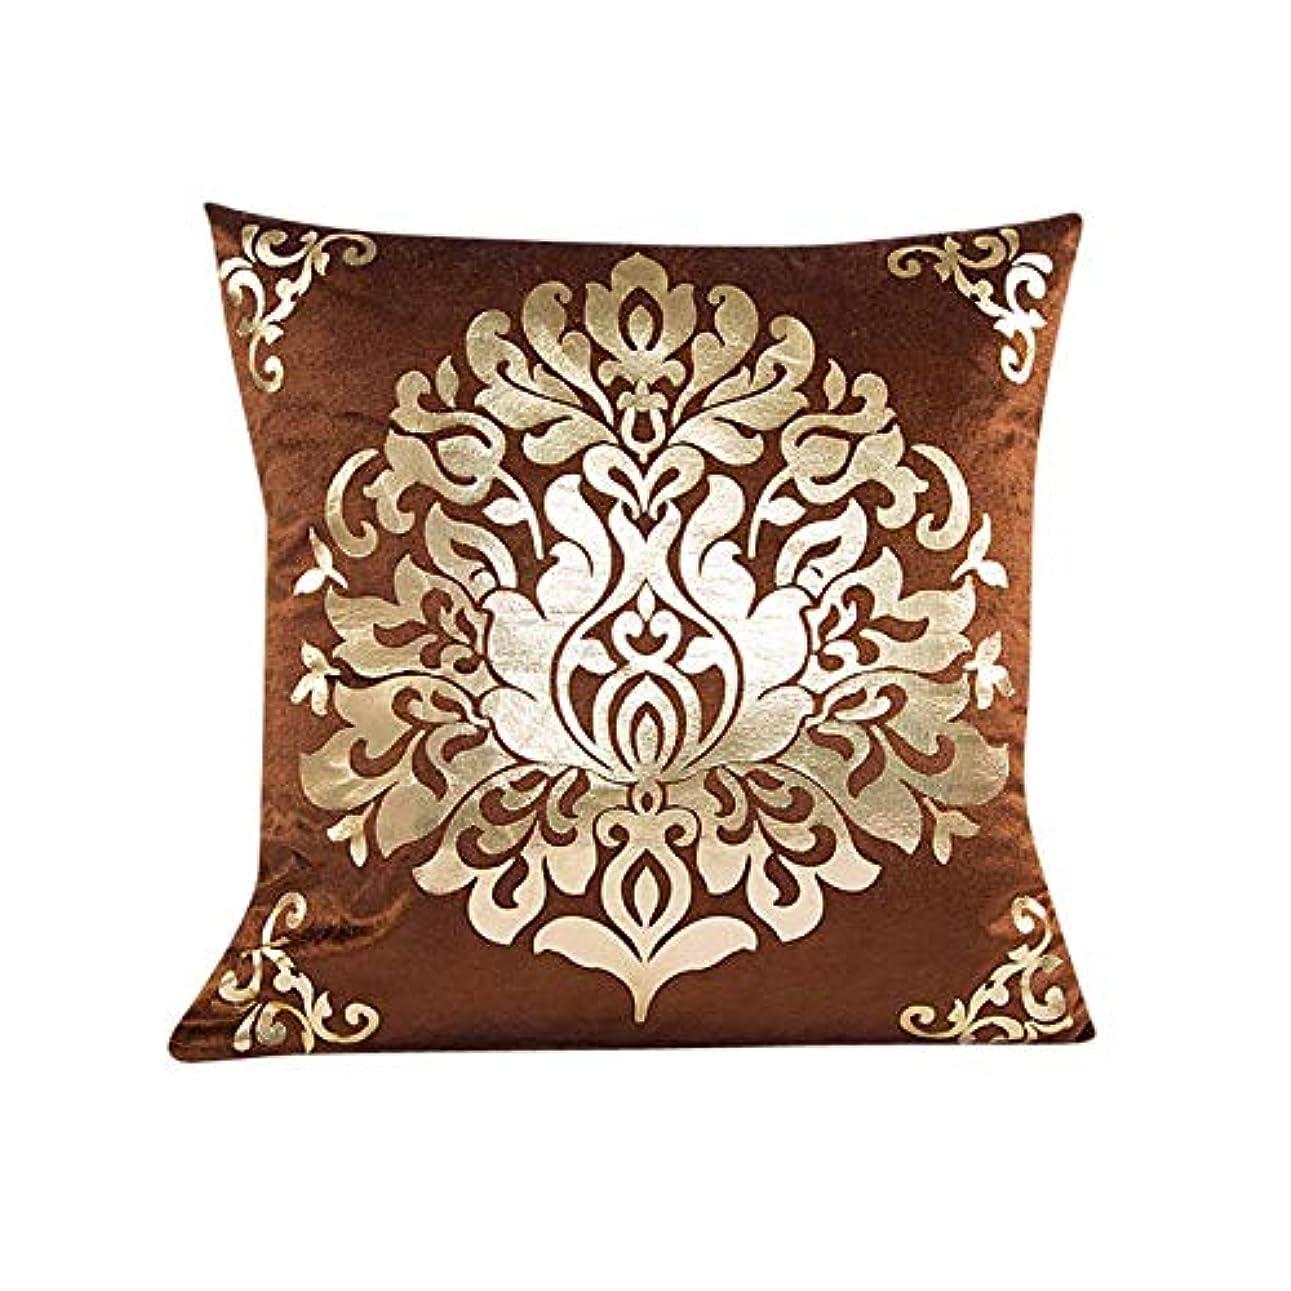 同志からかう鬼ごっこLIFE MUQGEW ホット販売クラシック枕ソファ投げるクッション家の装飾 coussin ホームクッション クッション 椅子